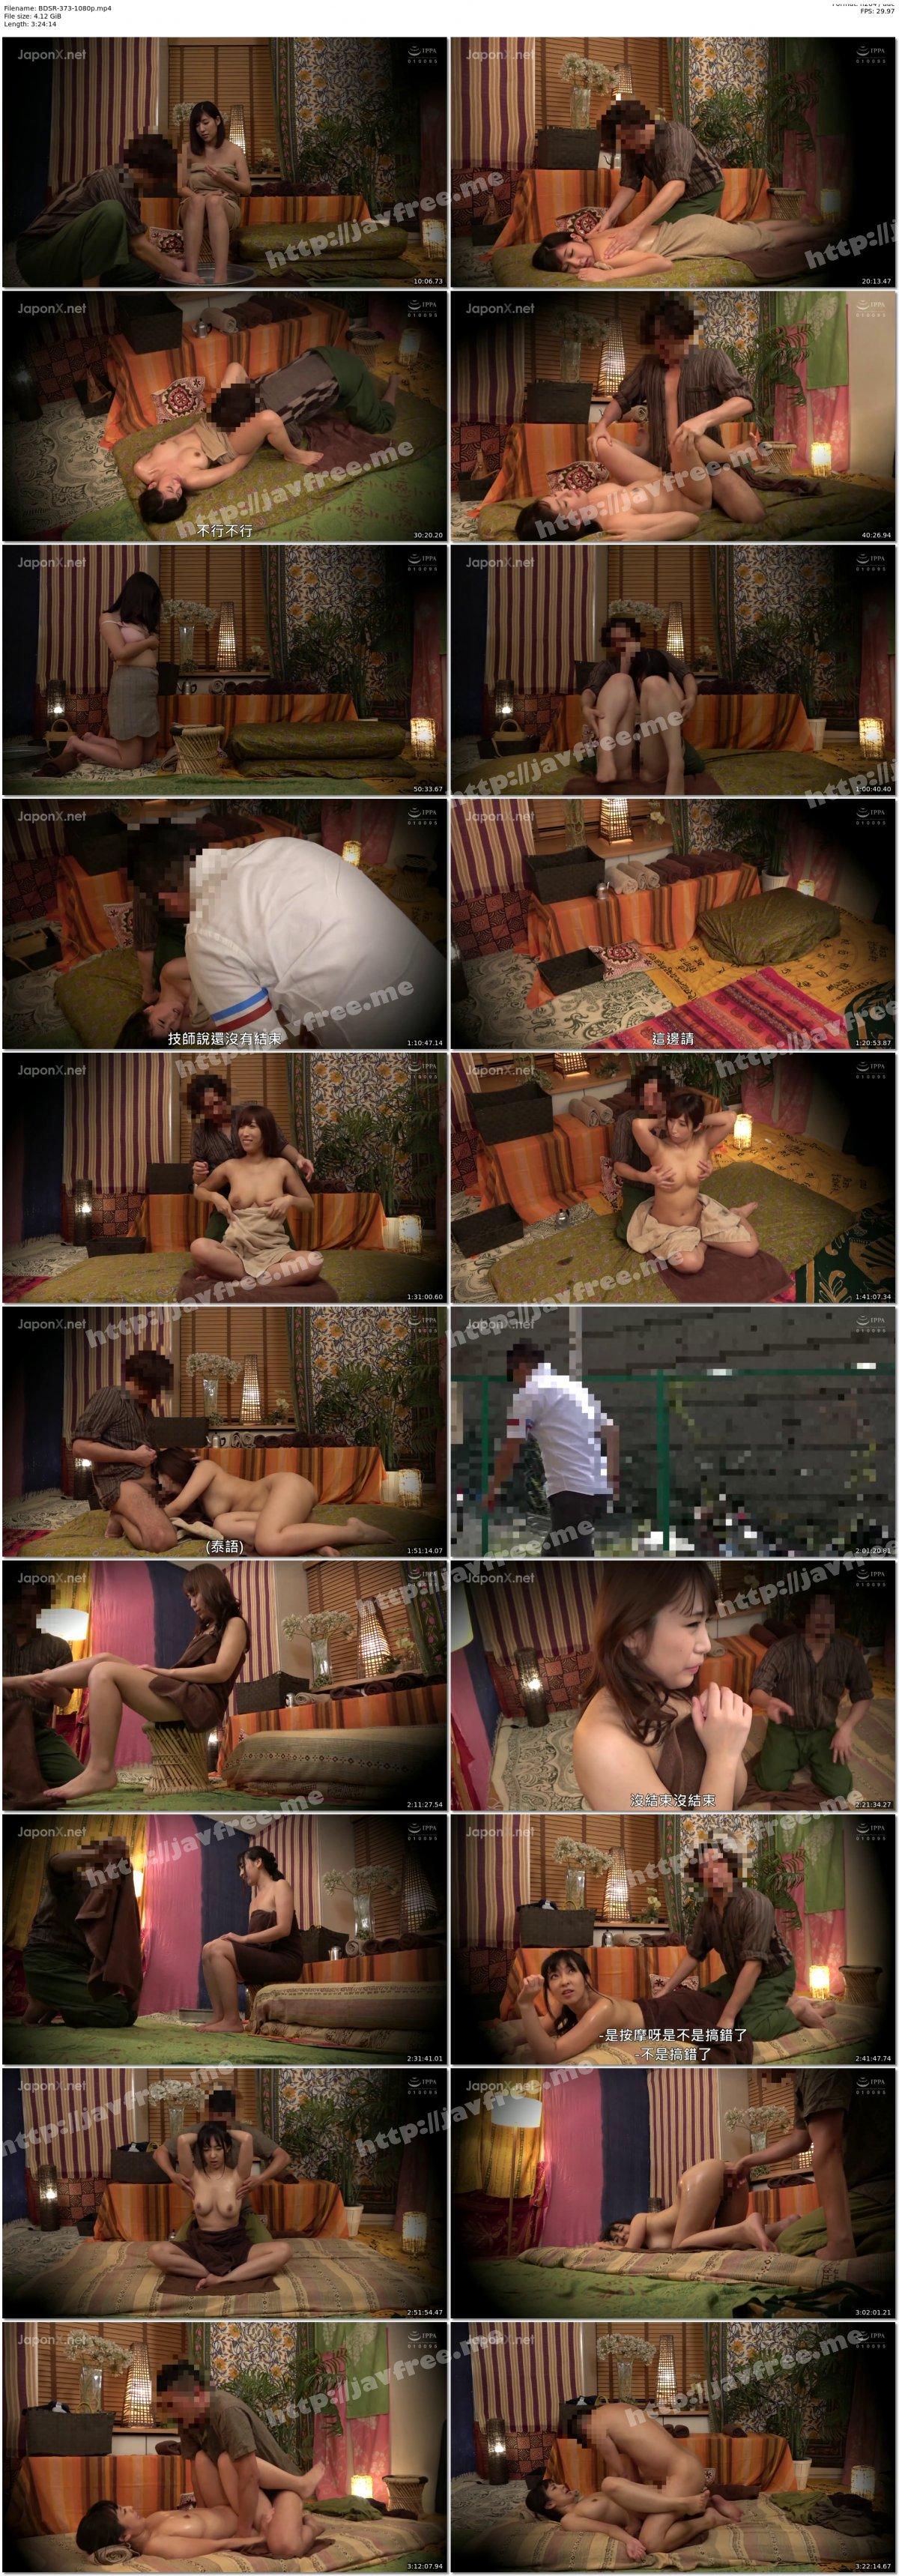 [HD][BDSR-373] 二人でするヨガ。タイ古式マッサージ店盗撮。素人人妻をタイ古式マッサージの無料体験と偽り騙して癒して中出ししちゃいました 葛飾区編 - image BDSR-373-1080p on https://javfree.me